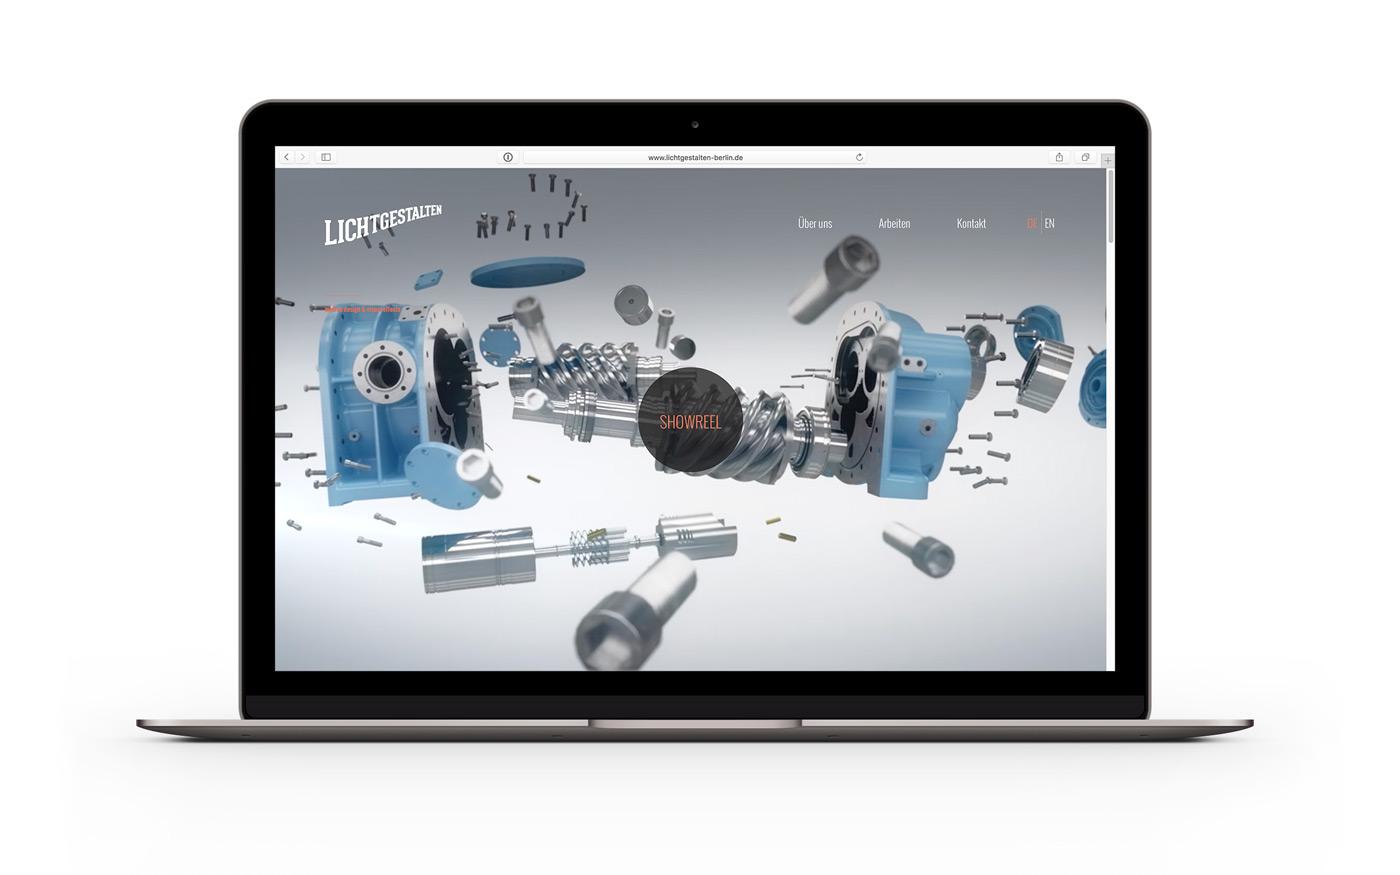 Lichtgestalten Brand & Web Design by upstruct